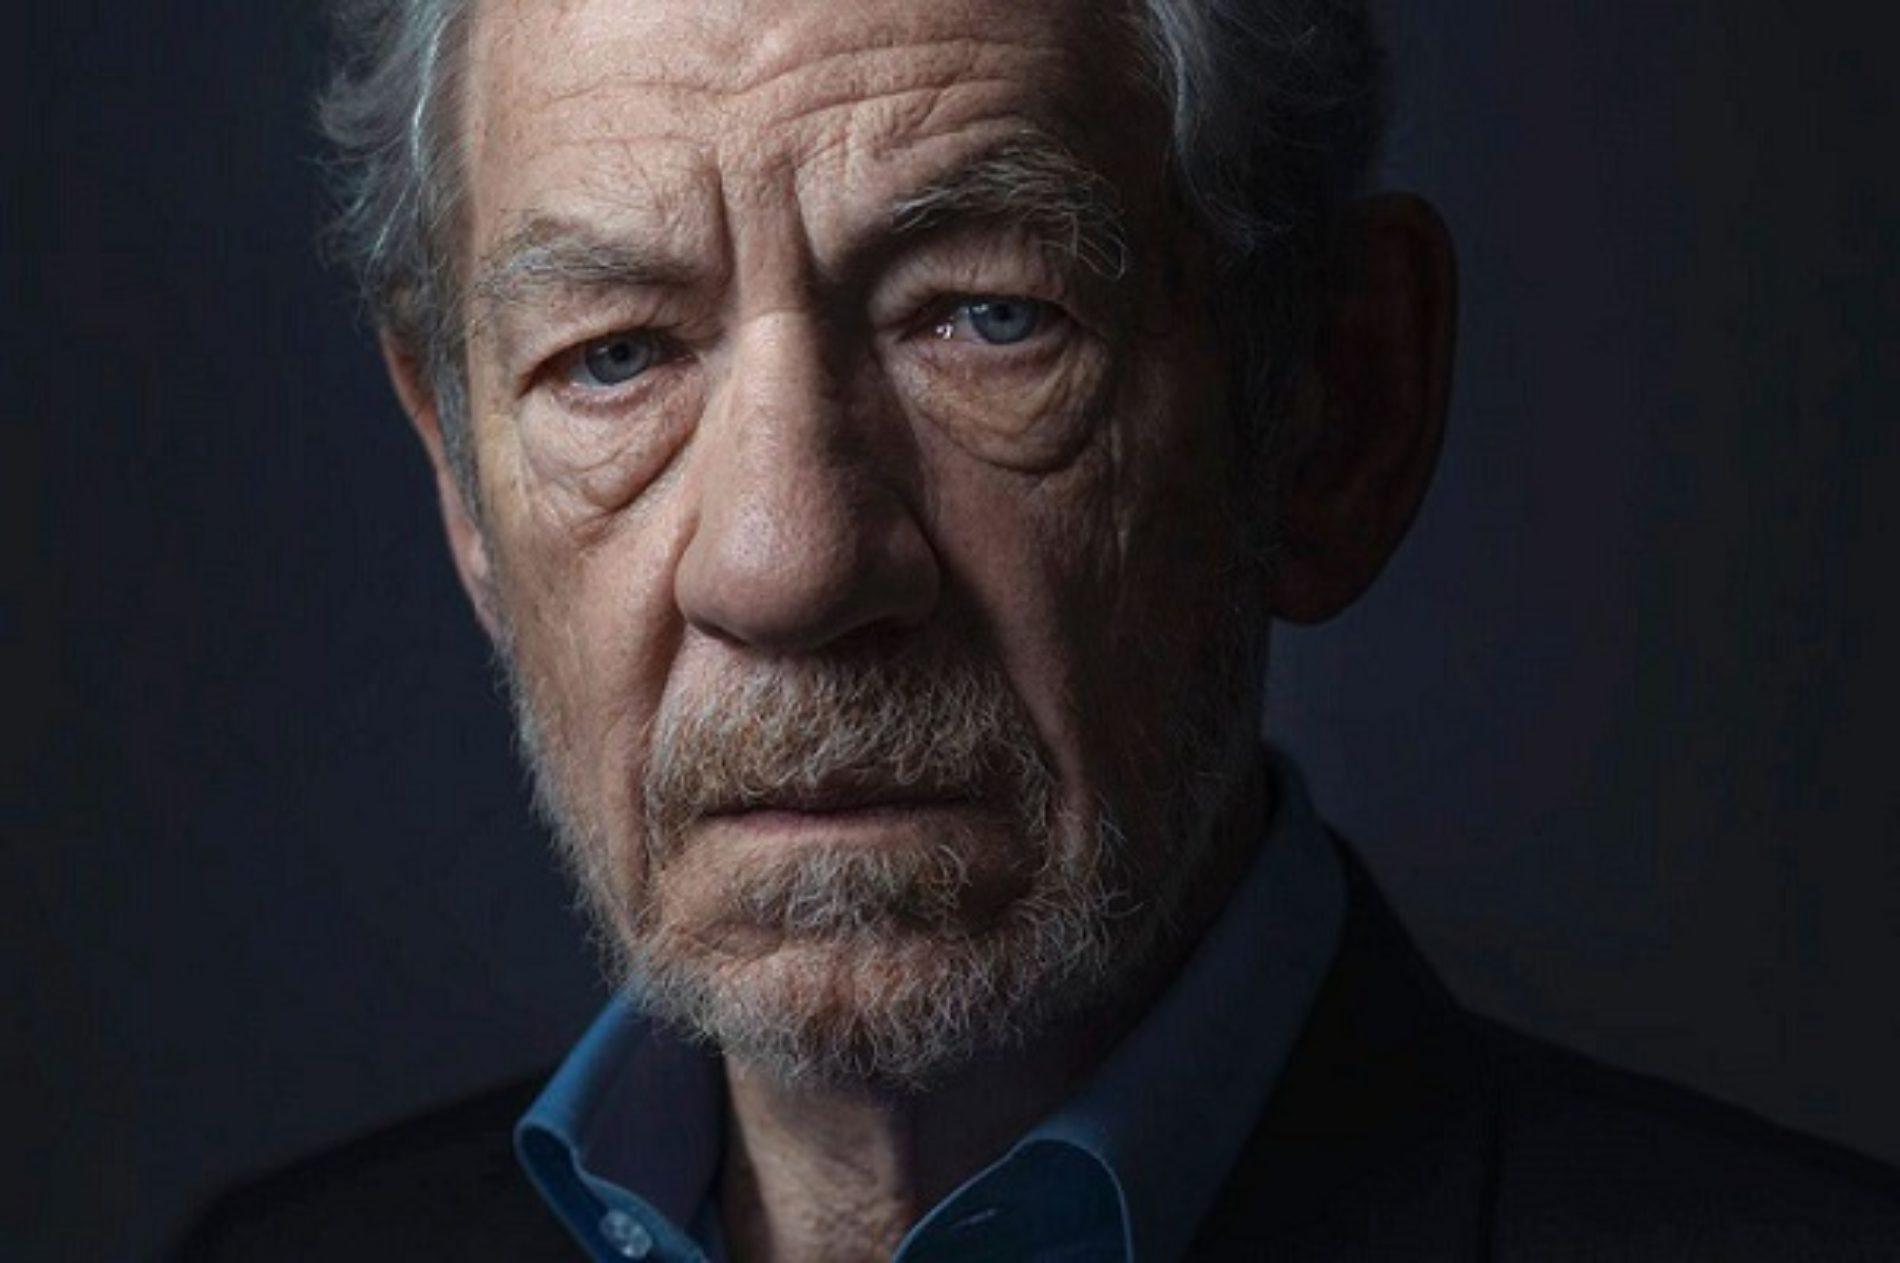 Ian McKellen Tops Russian Maxim List of 'Forgiven Gays'